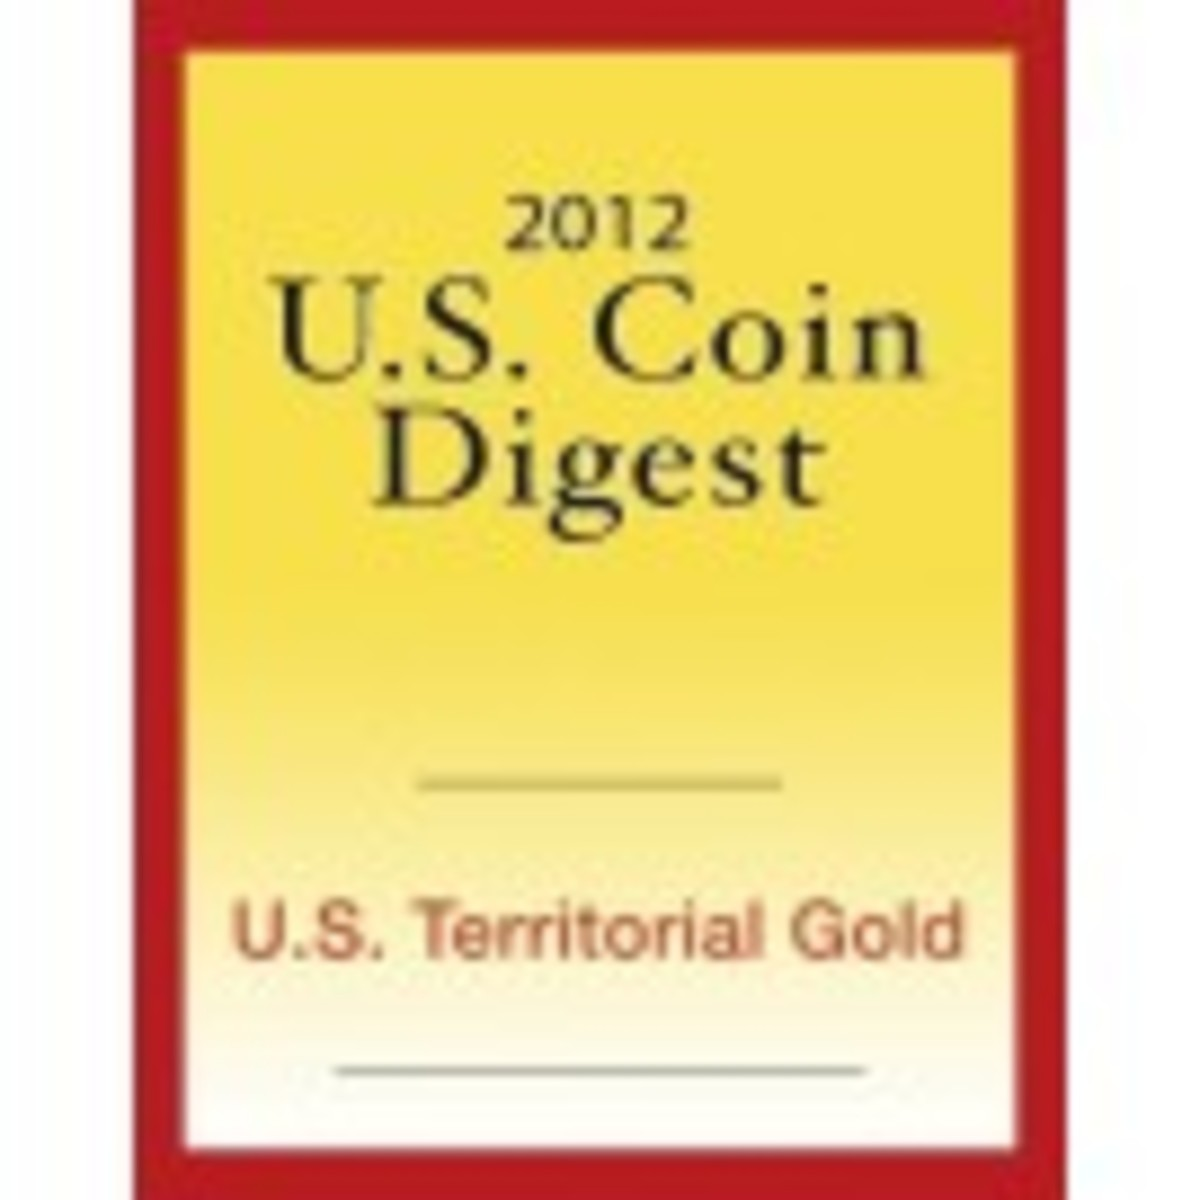 2012 U.S. Coin Digest: U.S. Territorial Gold